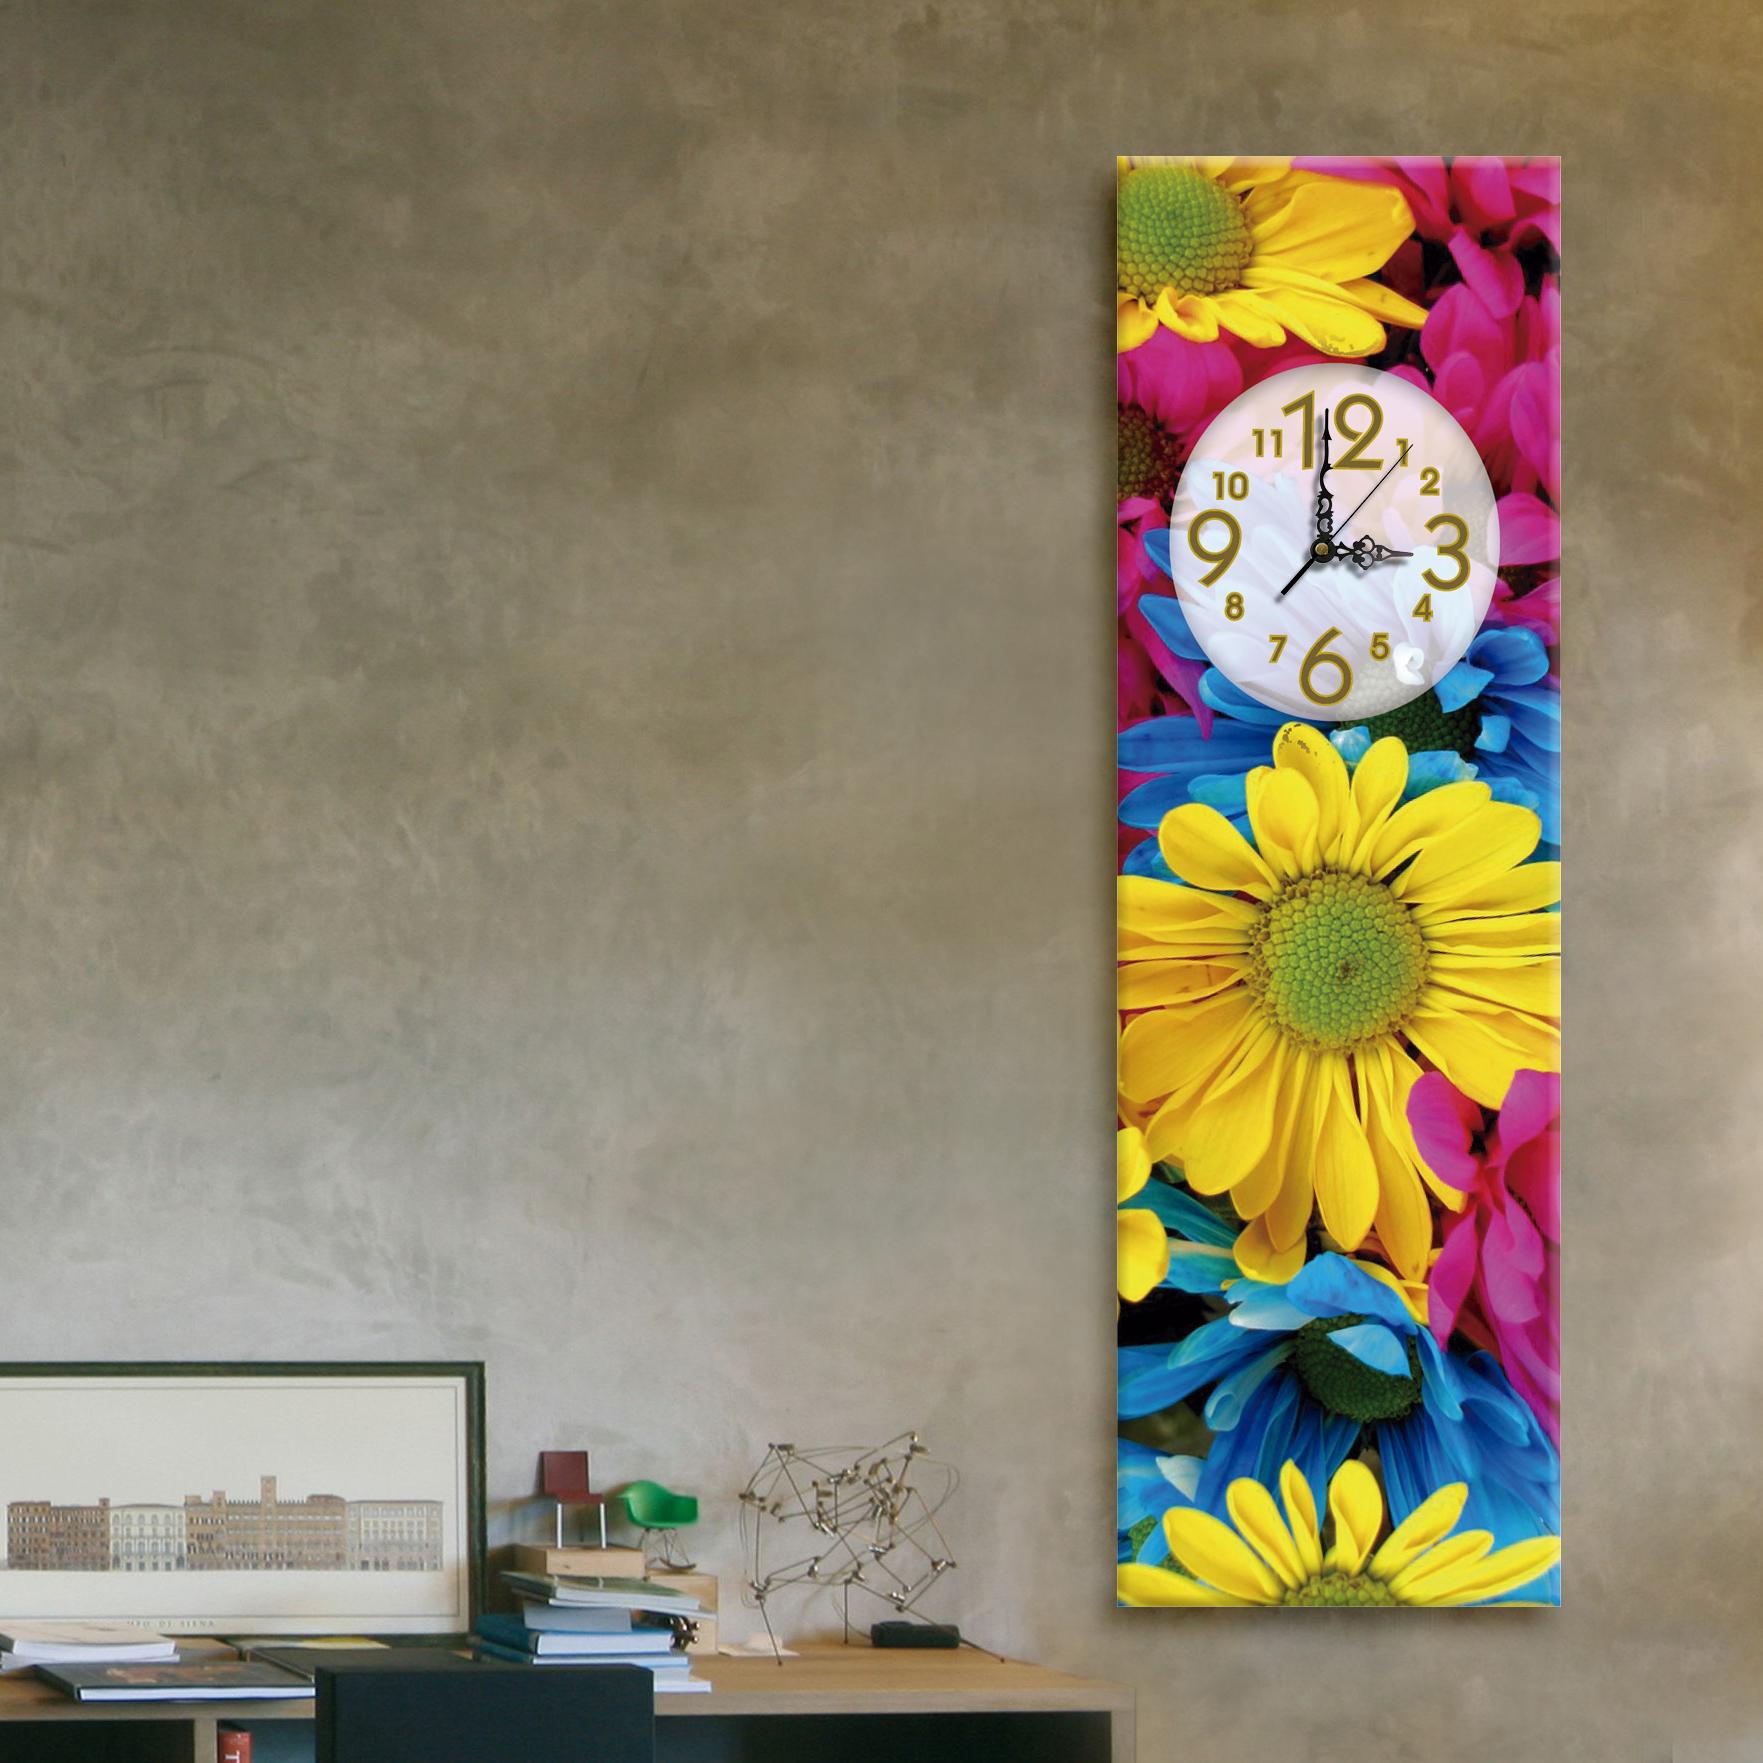 Margaritas vertical 20cmx 70cm cuadros decorativos for Donde puedo comprar cuadros decorativos